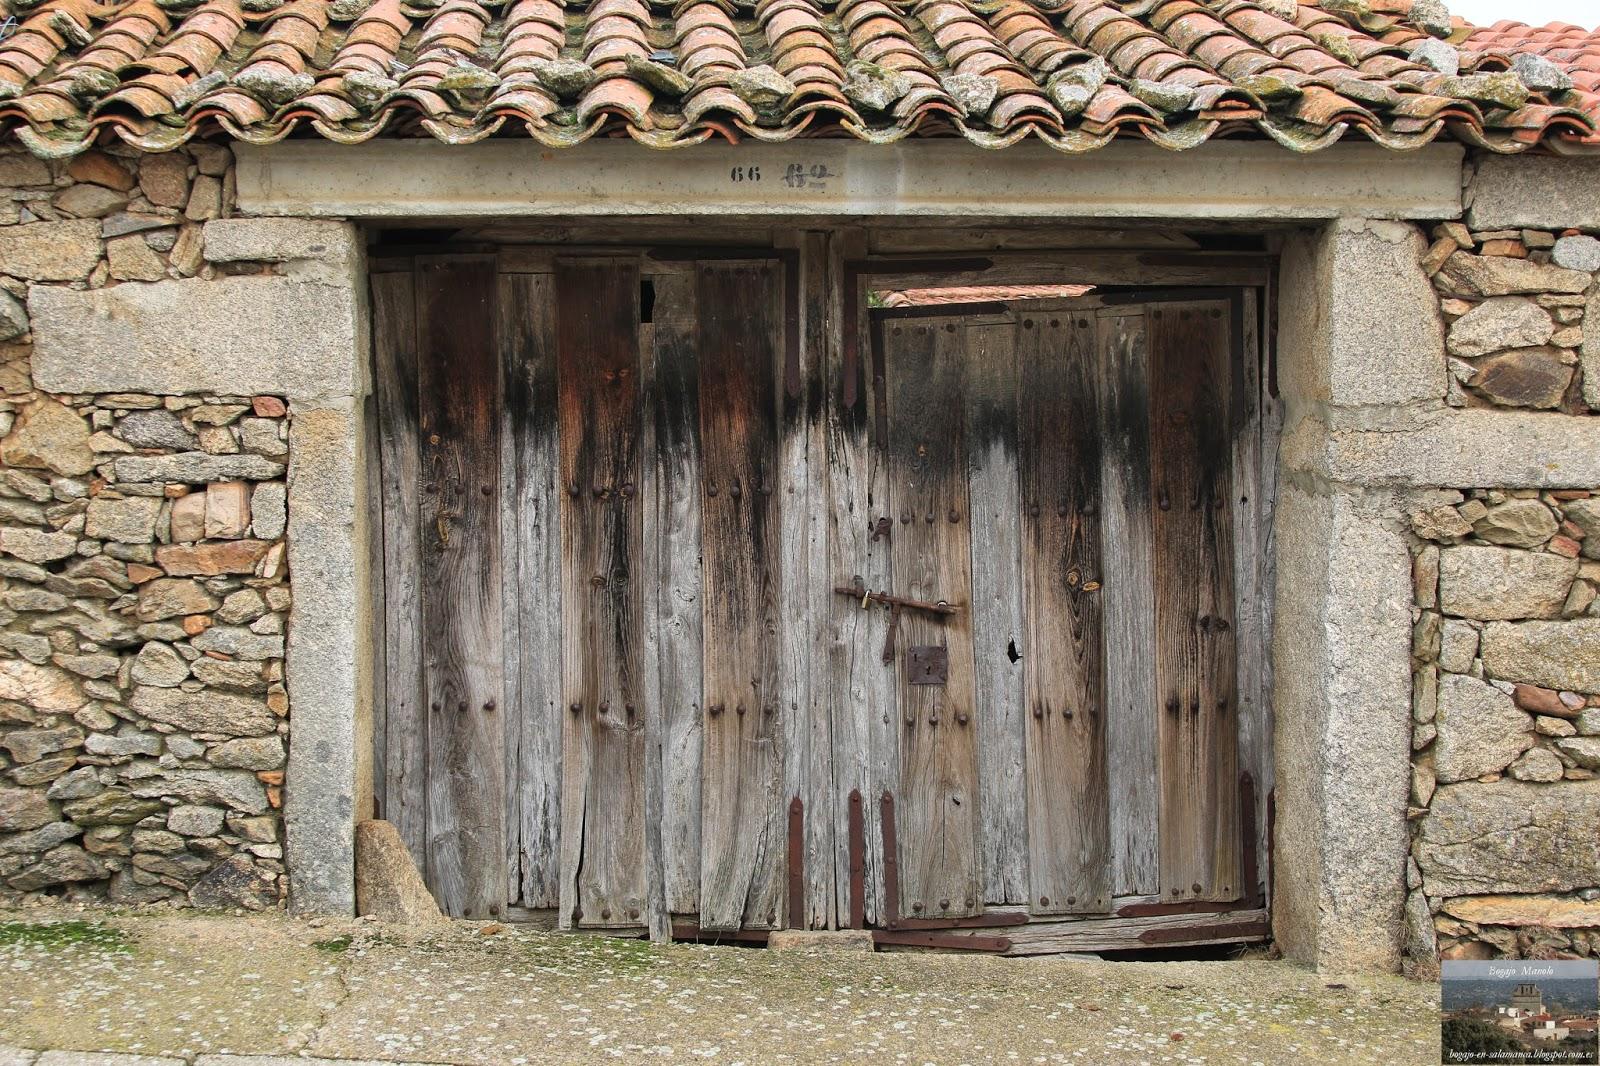 Bogajo salamanca puertas antiguas de doble hoja de madera for Puertas antiguas de madera de 2 hojas